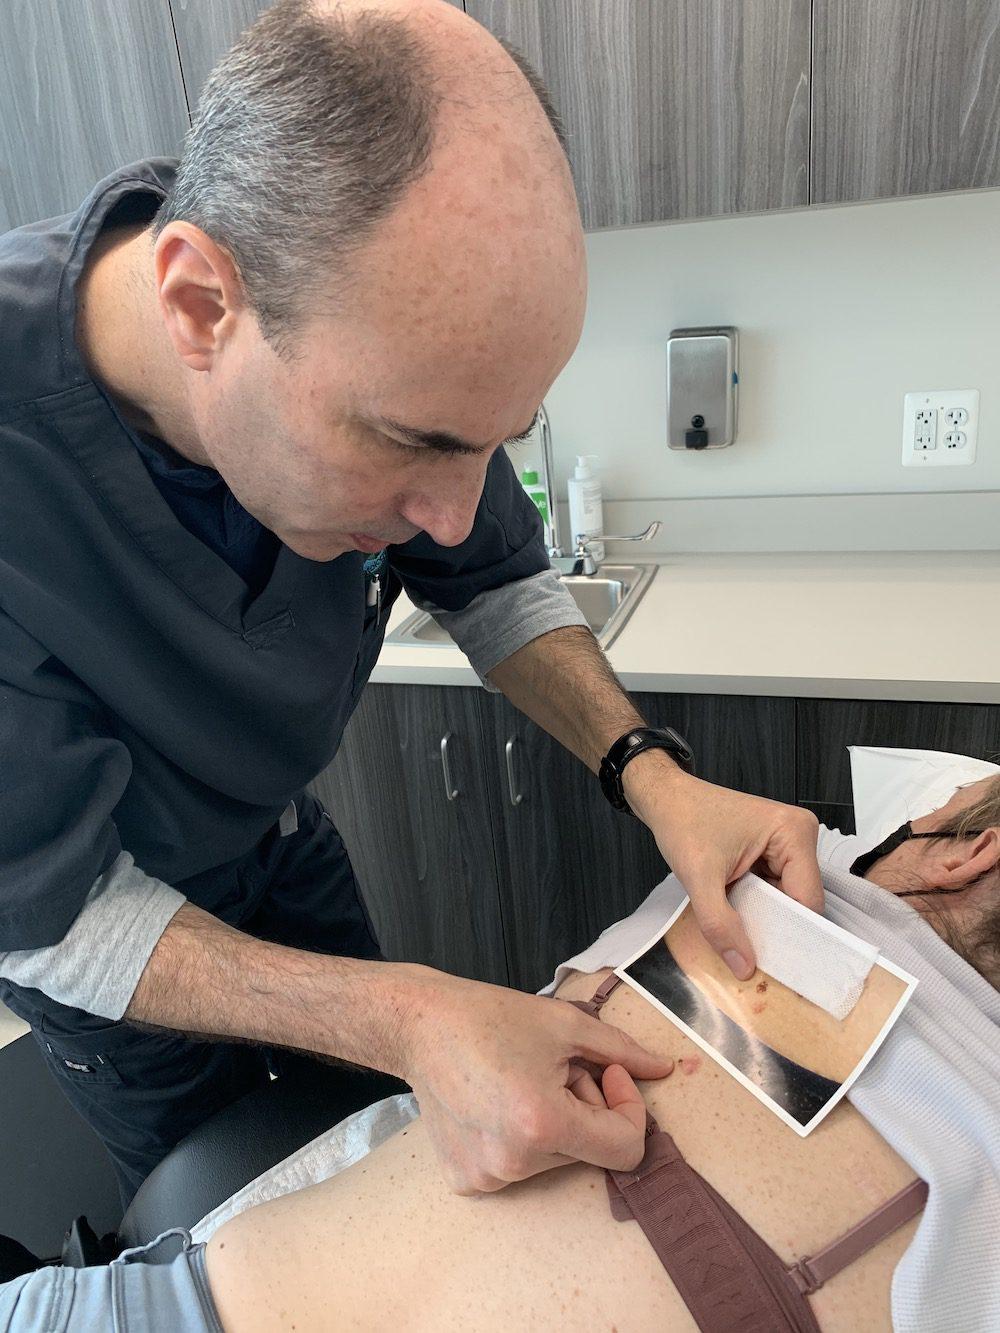 derm-skin-exam